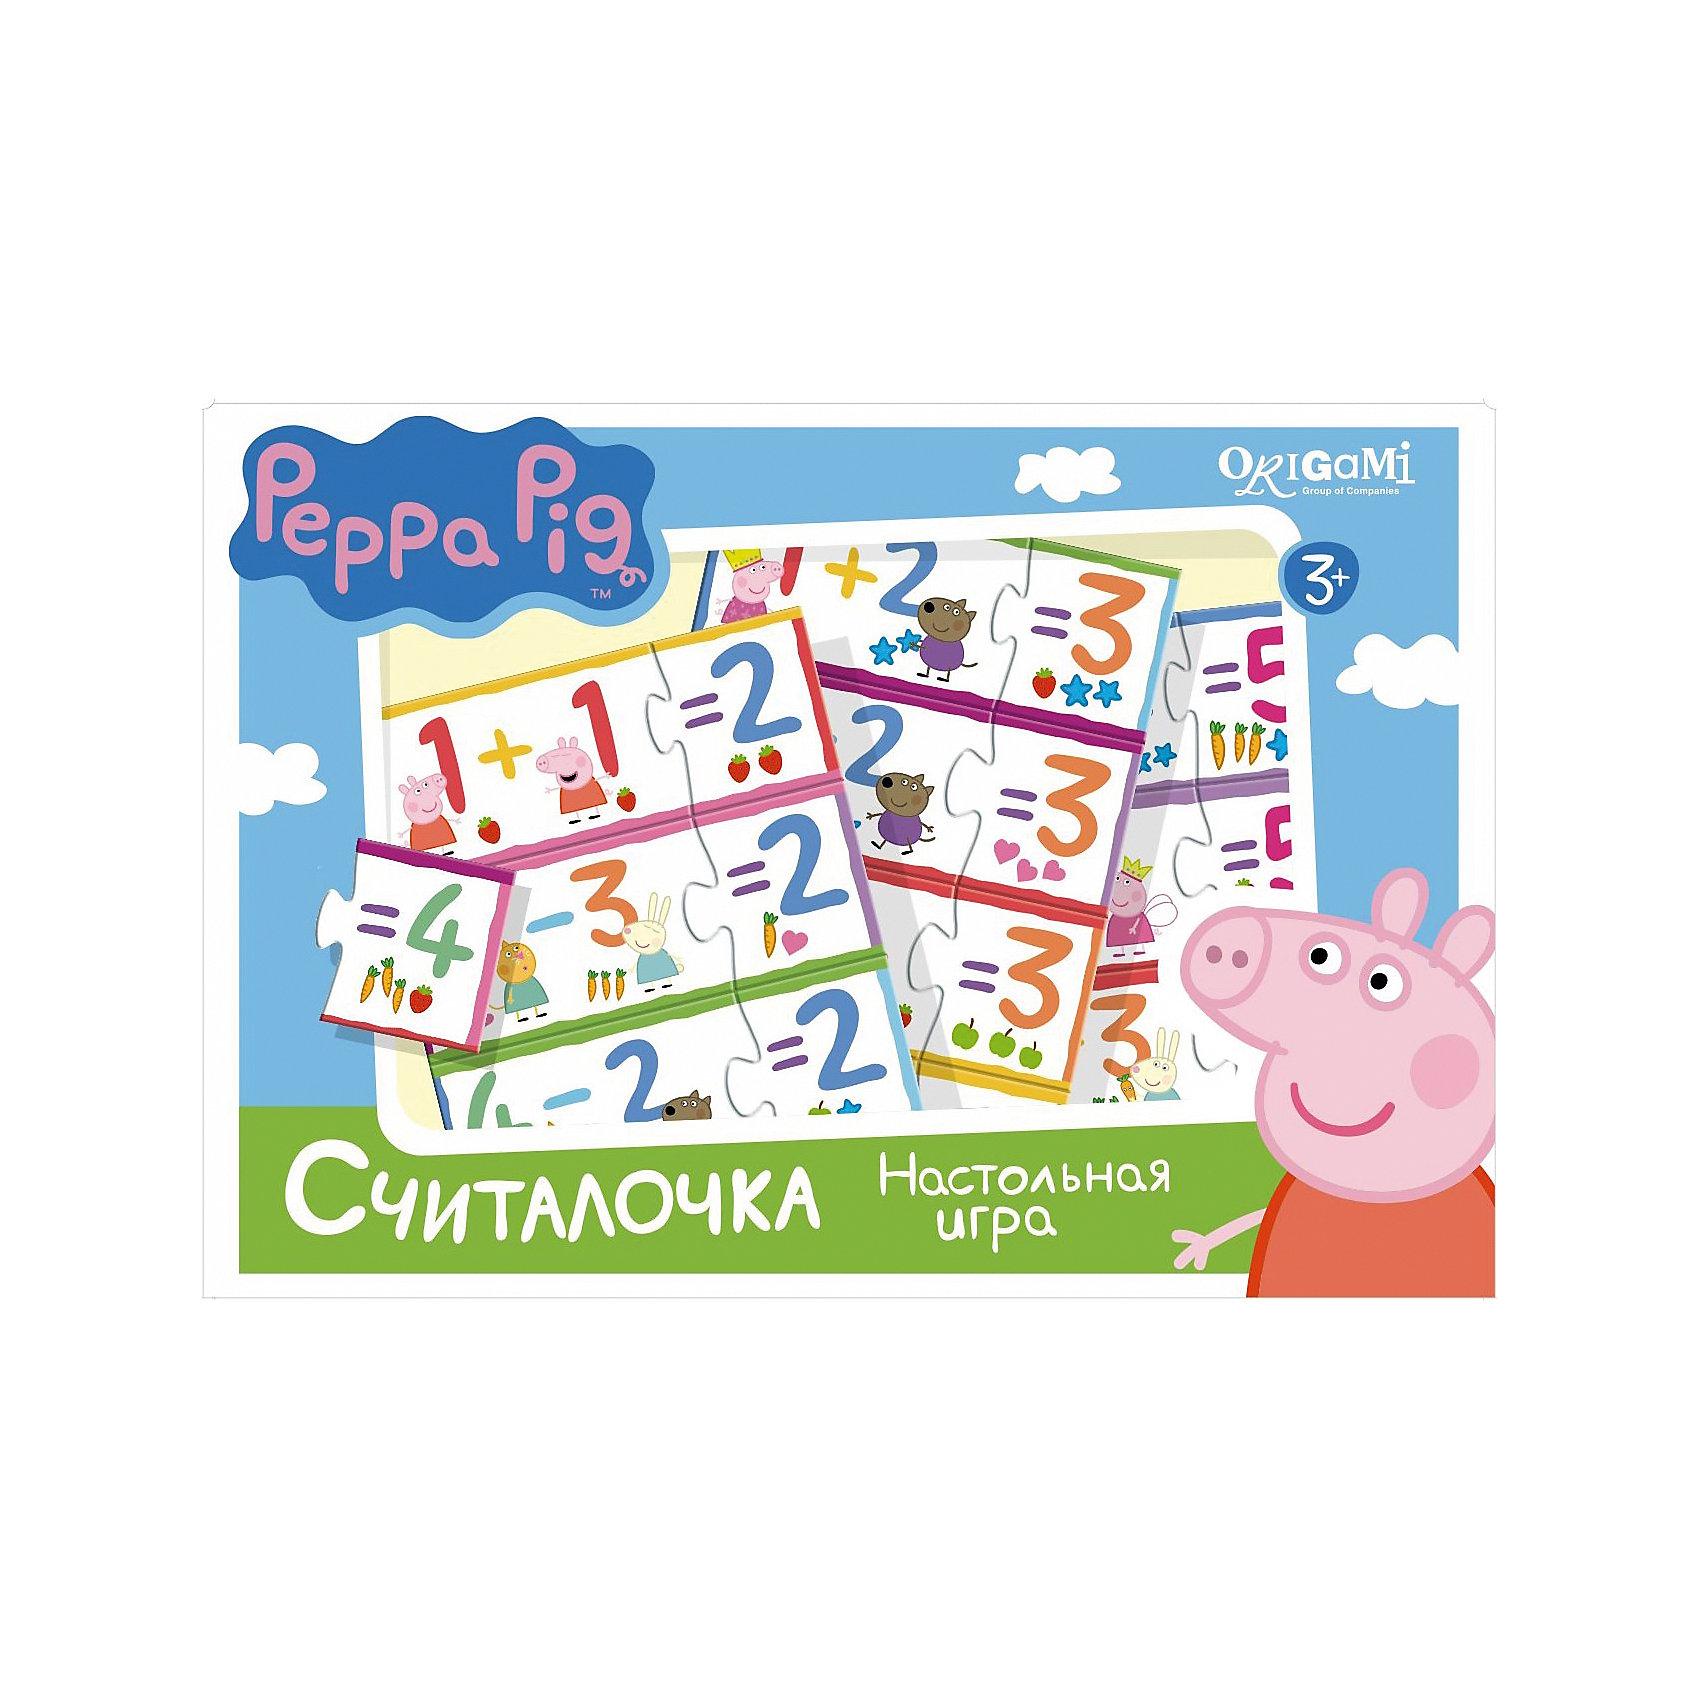 Игра Считалочка, Свинка ПеппаИгры для дошкольников<br>Игра Считалочка, Свинка Пеппа – это интересная настольная игра, которая увлечет вашего малыша и поможет ему научиться решать простые примеры.<br>Вместе с Пеппой и ее друзьями Ваш ребенок научится решать примеры на сложение и вычитание в пределах пяти и весело проведет время. В набор входят парные карточки - пример и ответ: 1+1 и 2, 5-2 и 3. Все карточки снабжены пазловыми замками, поэтому ребенок не сможет совершить ошибку в решении и совместить неподходящие друг другу детали. Эта игра поможет улучшить свои знания тем, кто уже умеет считать, и научит тех, кто только начинает это делать.<br><br>Дополнительная информация:<br><br>- В наборе: 32 карточки с пазловыми замками<br>- Материал: картон<br>- Размер коробки: 22x20x5 мм.<br>- Вес: 175 гр.<br><br>Игру Считалочка, Свинка Пеппа можно купить в нашем интернет-магазине.<br><br>Ширина мм: 220<br>Глубина мм: 200<br>Высота мм: 50<br>Вес г: 175<br>Возраст от месяцев: 36<br>Возраст до месяцев: 96<br>Пол: Унисекс<br>Возраст: Детский<br>SKU: 4335017